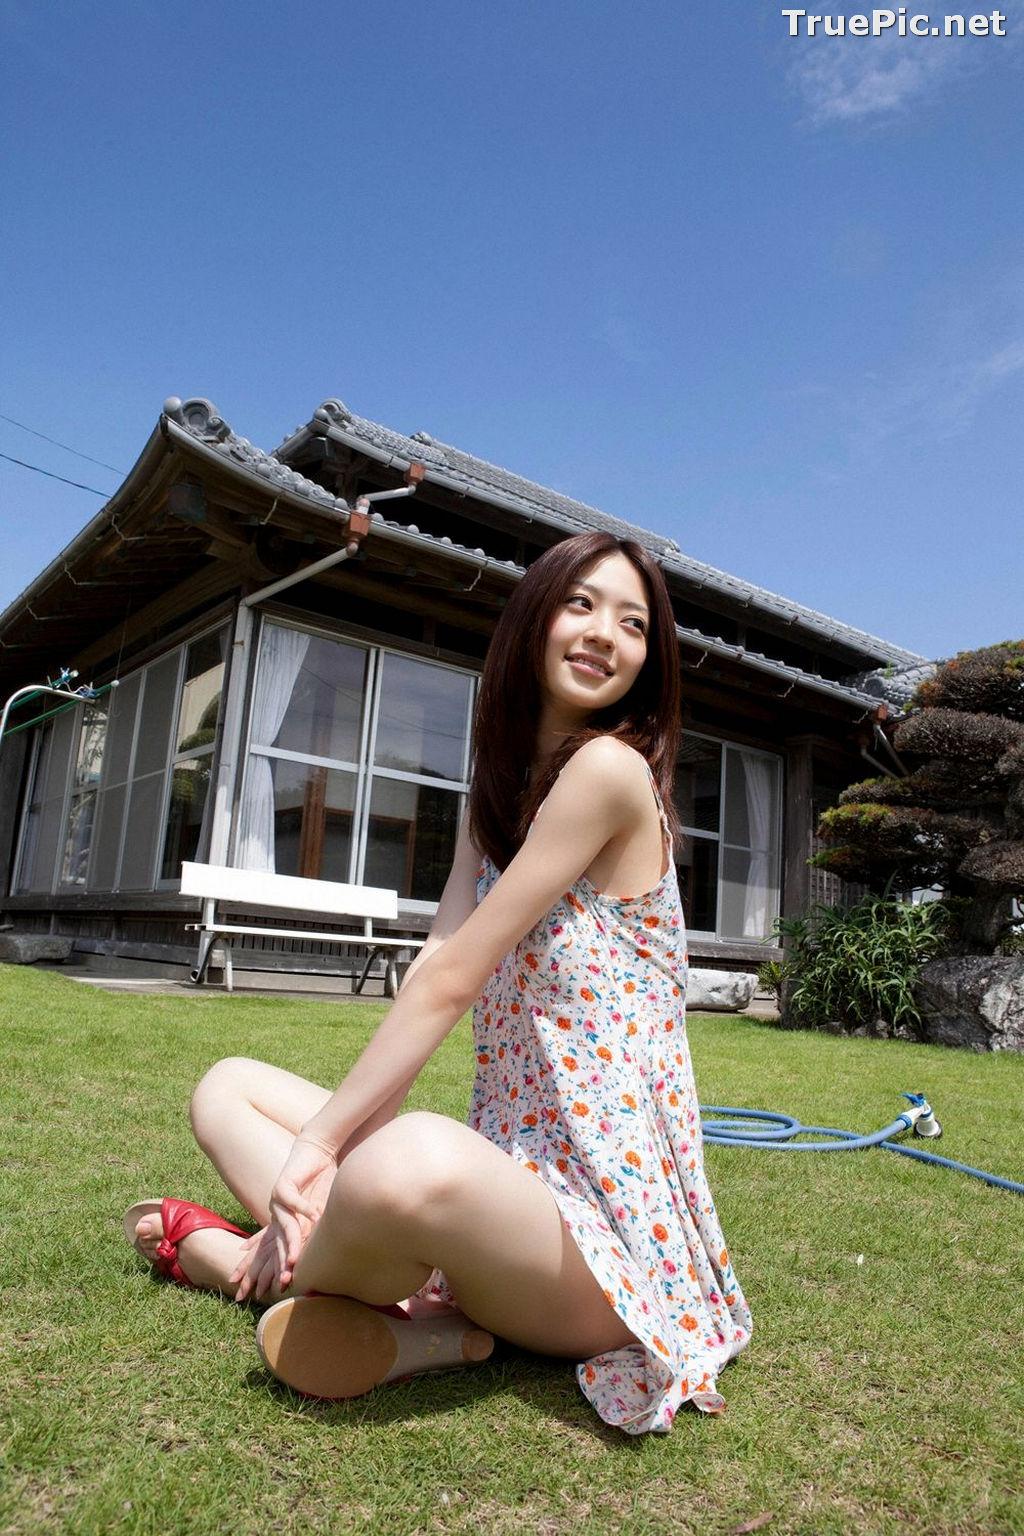 Image YS Web Vol.497 - Japanese Actress and Gravure Idol - Rina Aizawa - TruePic.net - Picture-1